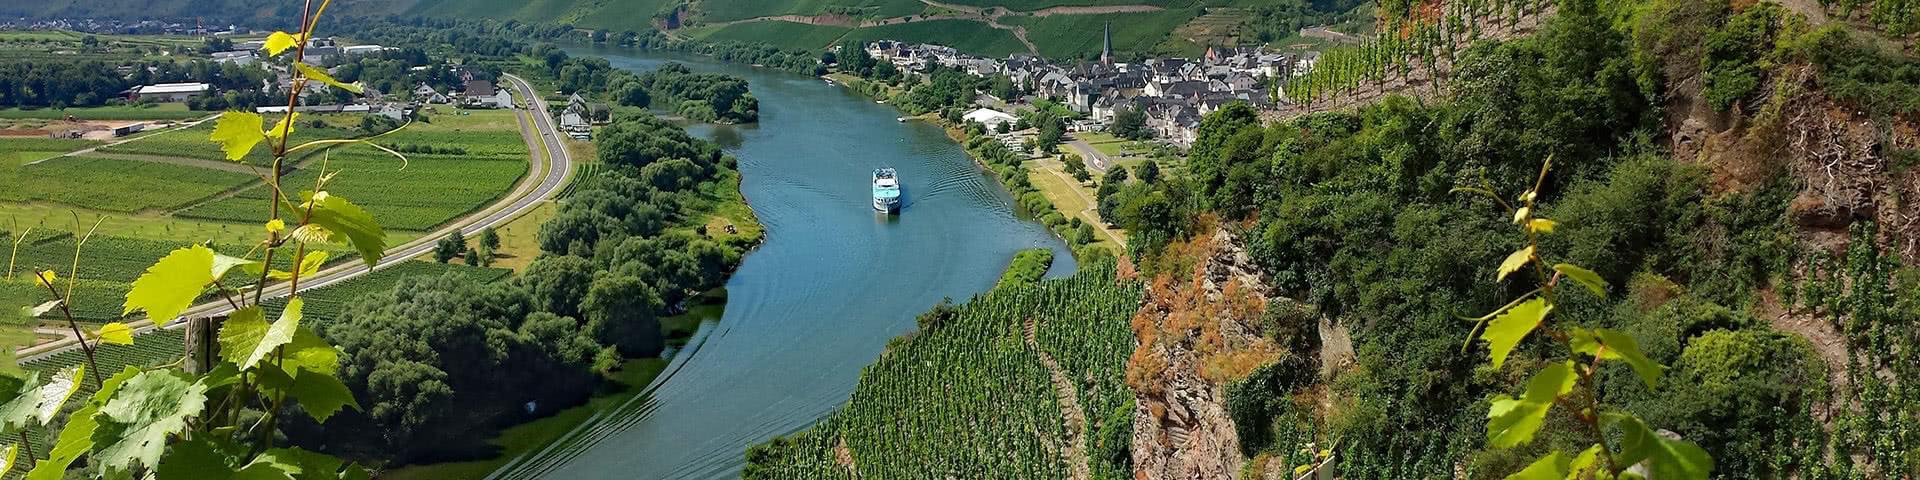 Schifffahrt auf der Mosel in Trier